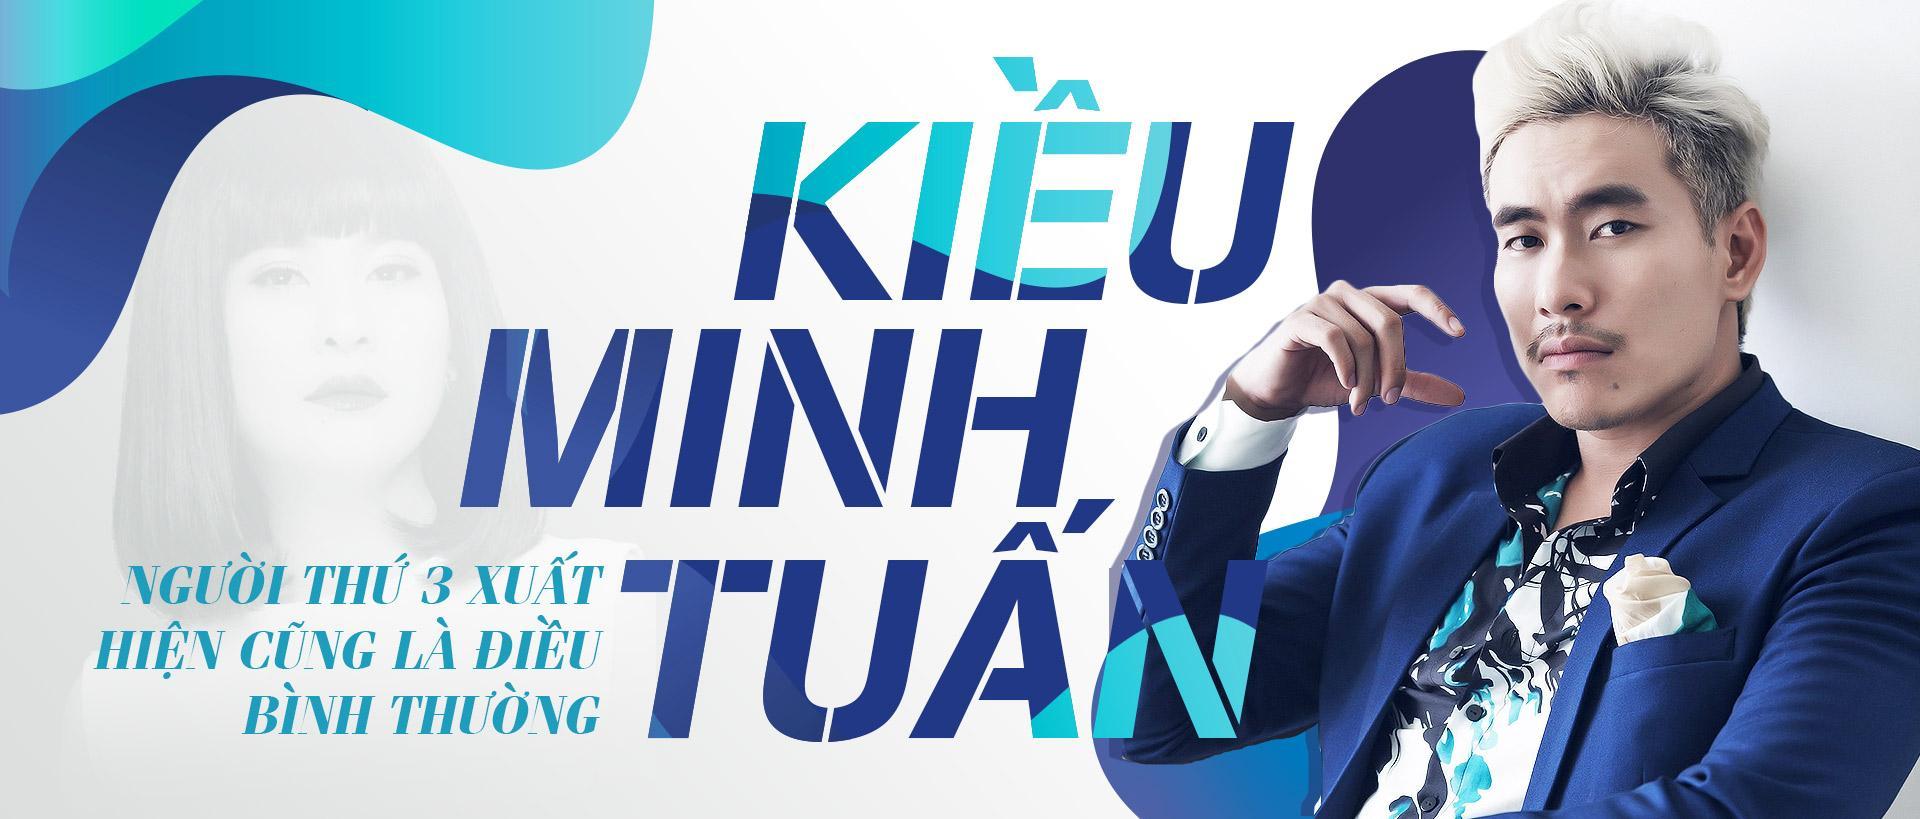 Kiều Minh Tuấn: 'Nếu người thứ ba xuất hiện và có tình yêu đủ lớn, tôi sẽ lựa chọn'